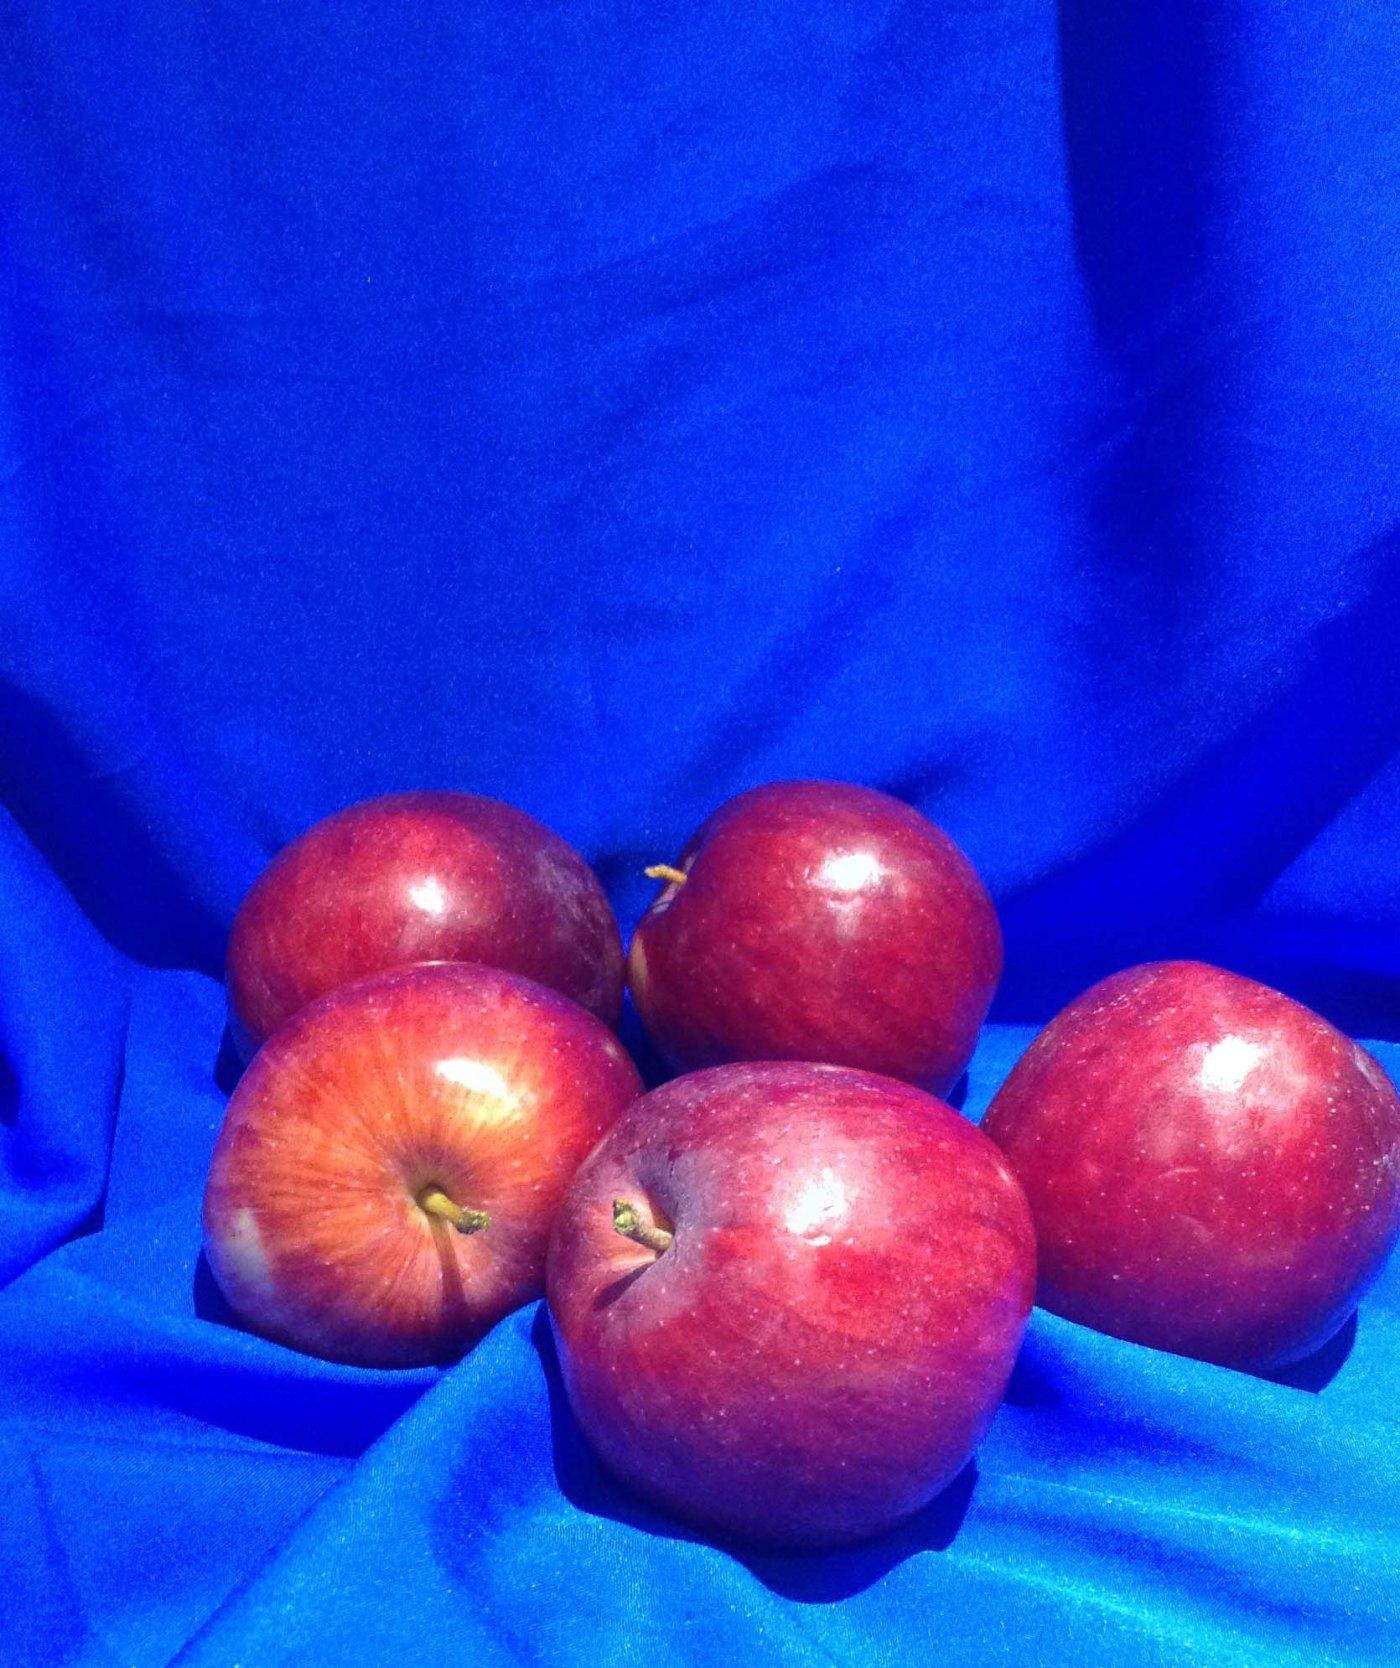 Apples on Blue Master.jpg